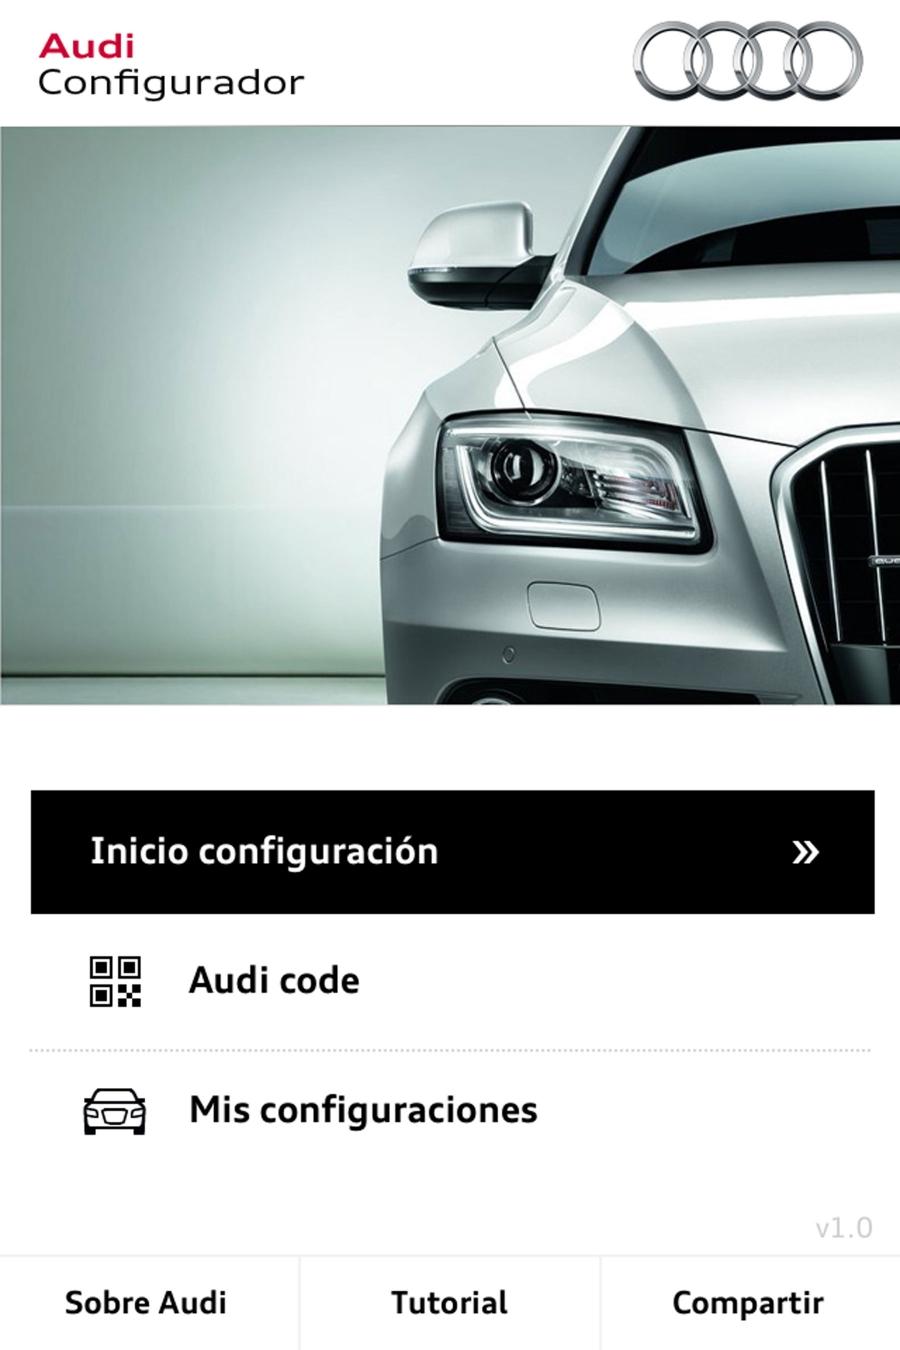 Audi lansira novu aplikaciju konfigurator za iPhone i iPad